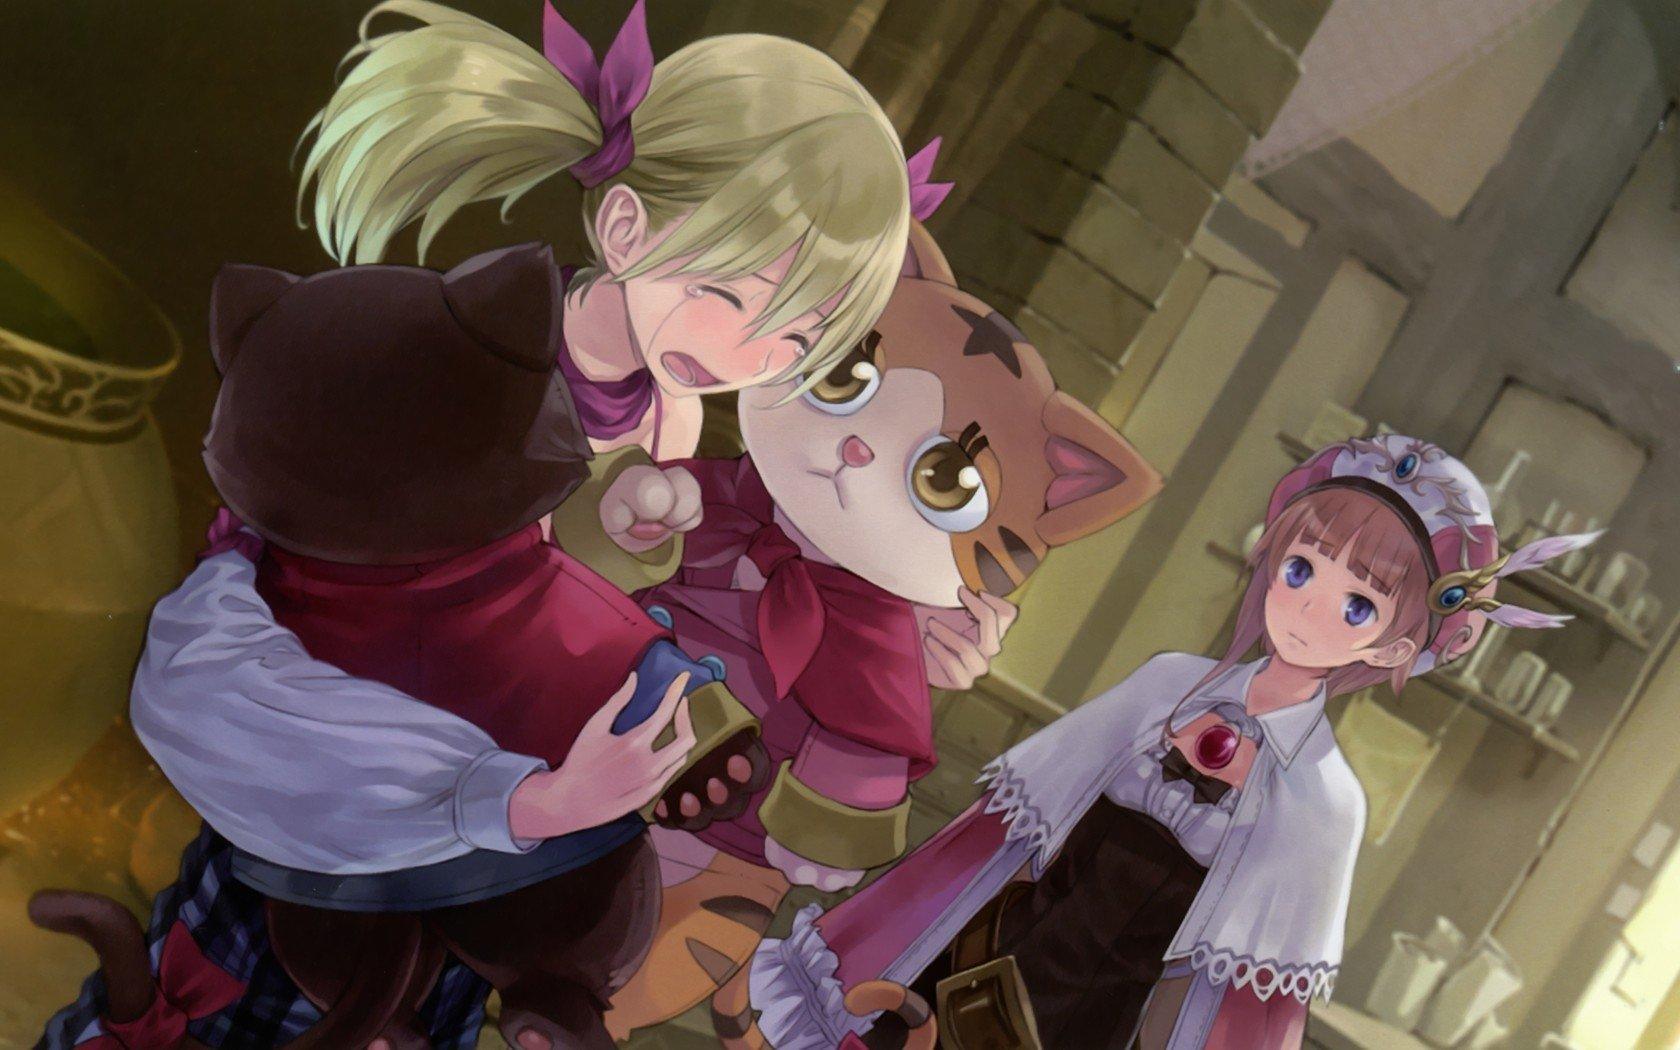 Anime - Atelier Totori  Wallpaper